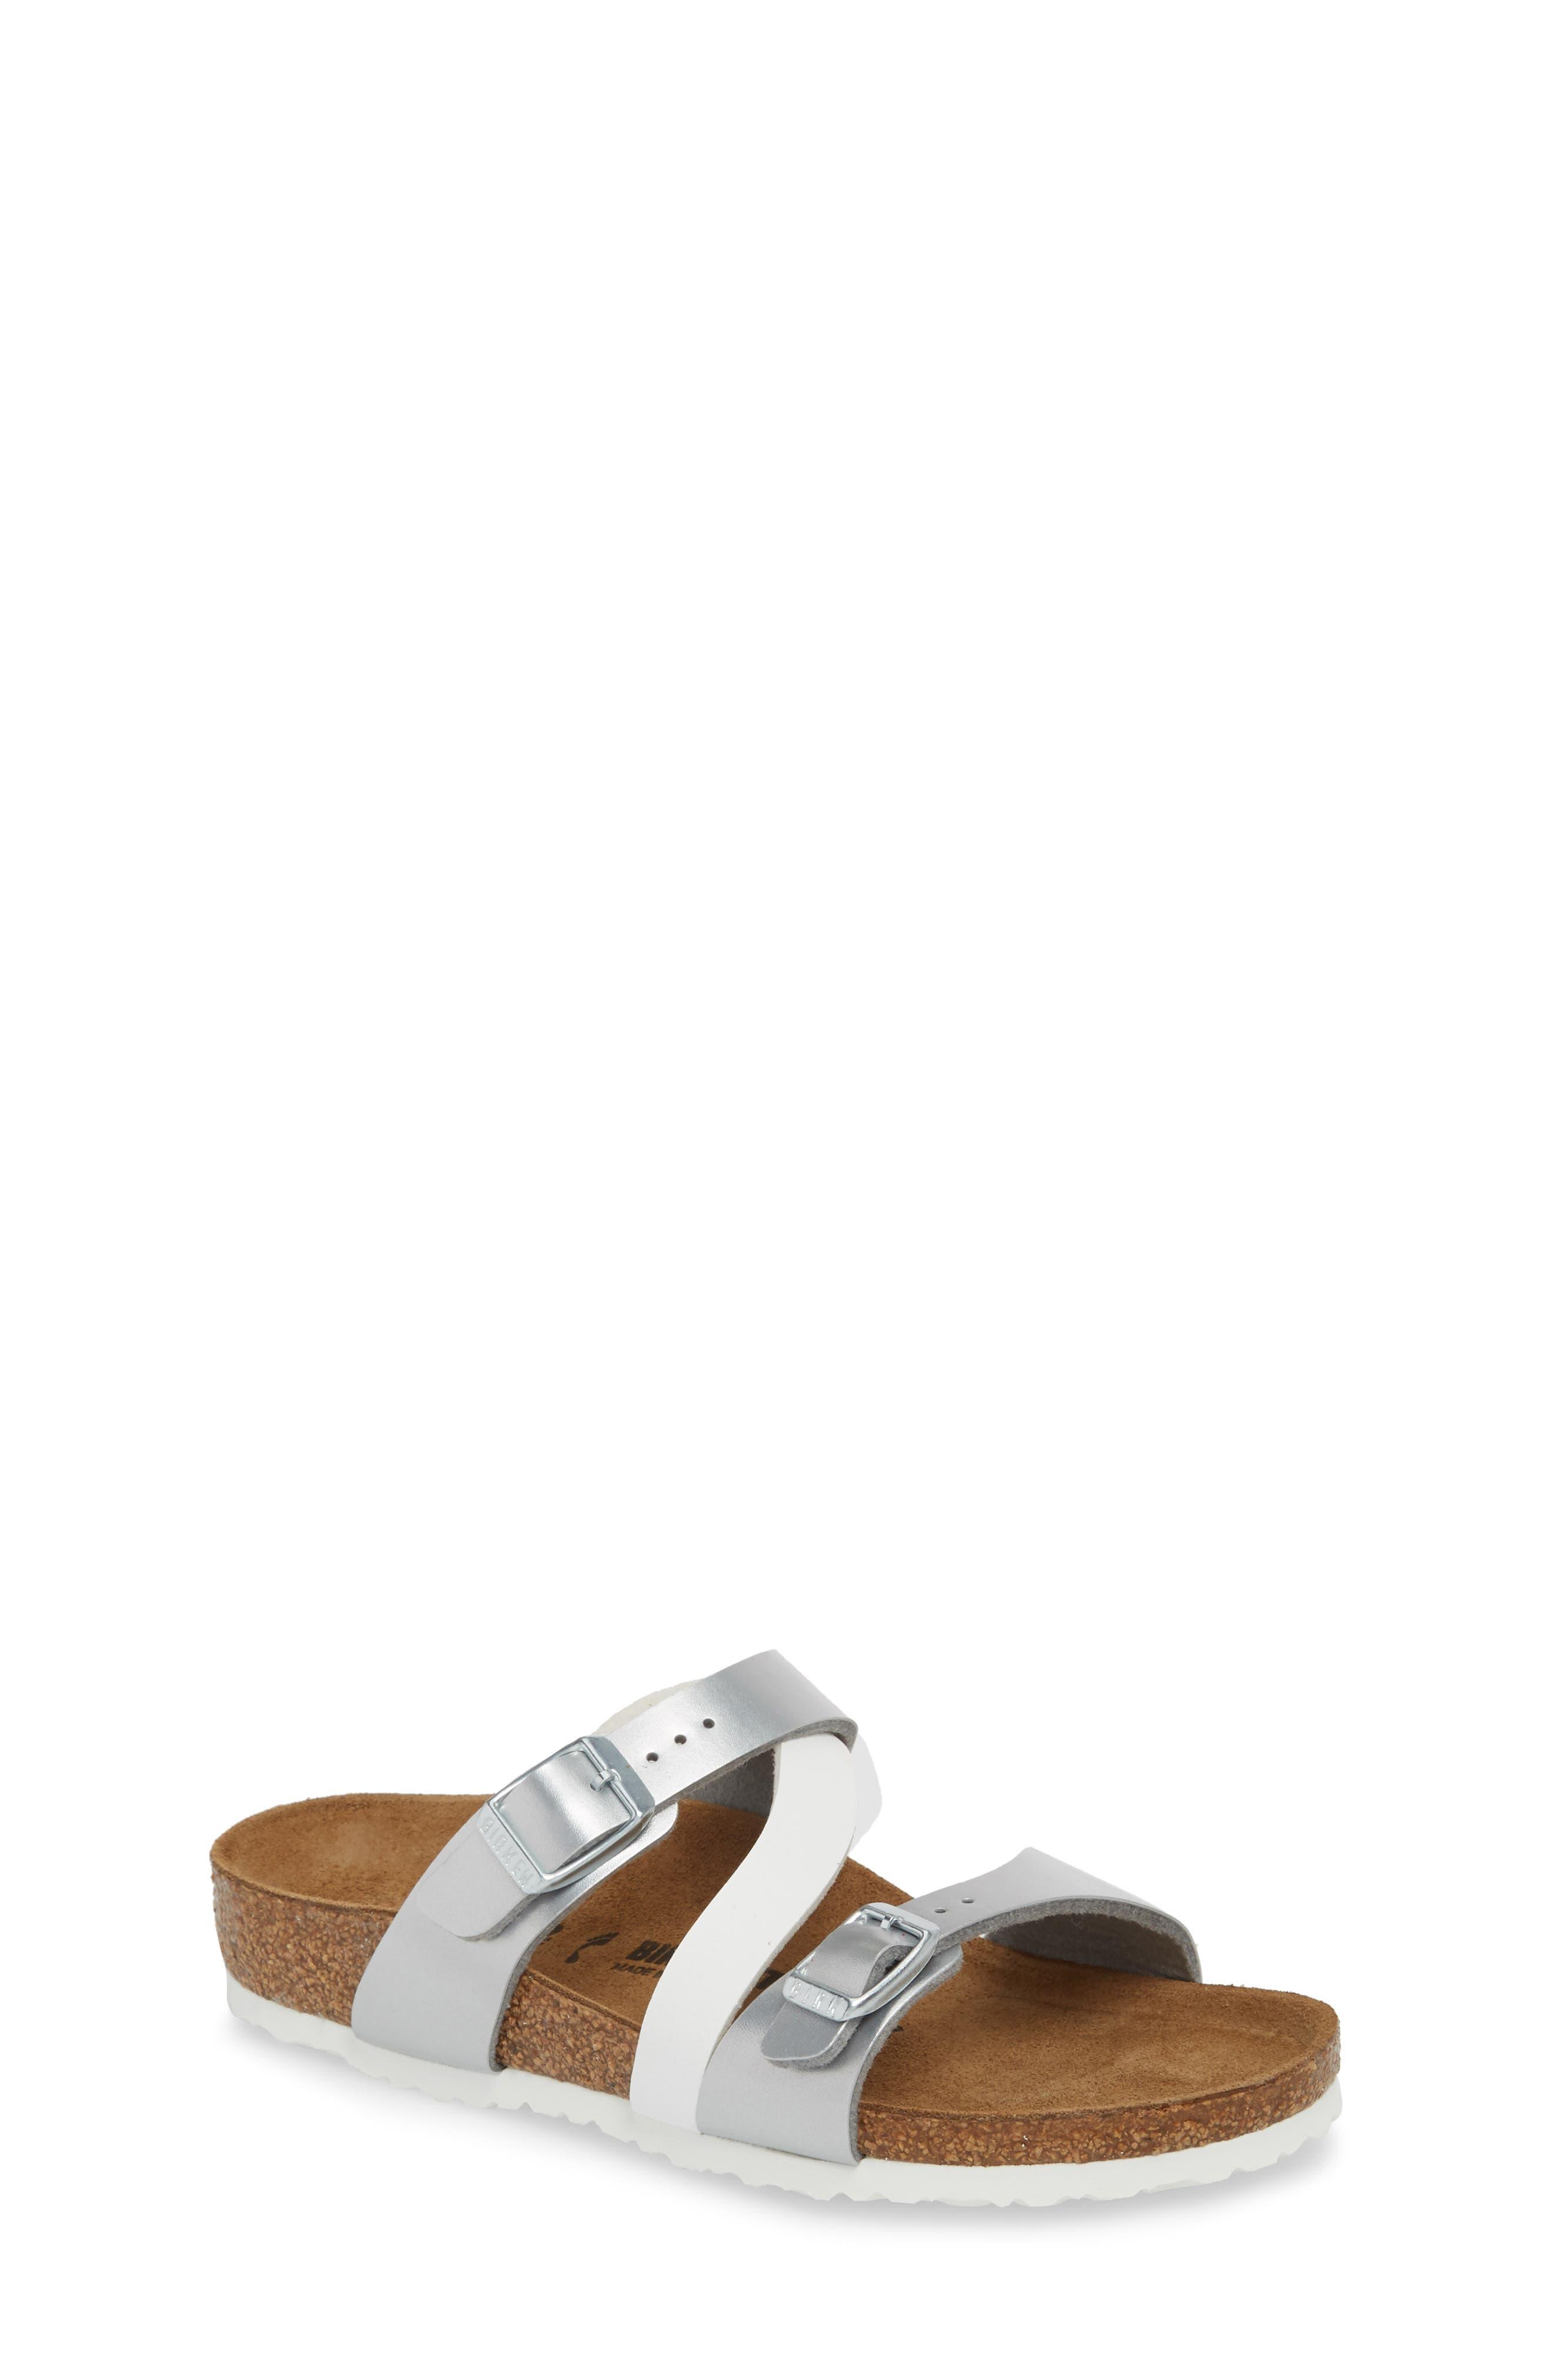 Birkenstock Salina Slide Sandal (Toddler & Little Kid)